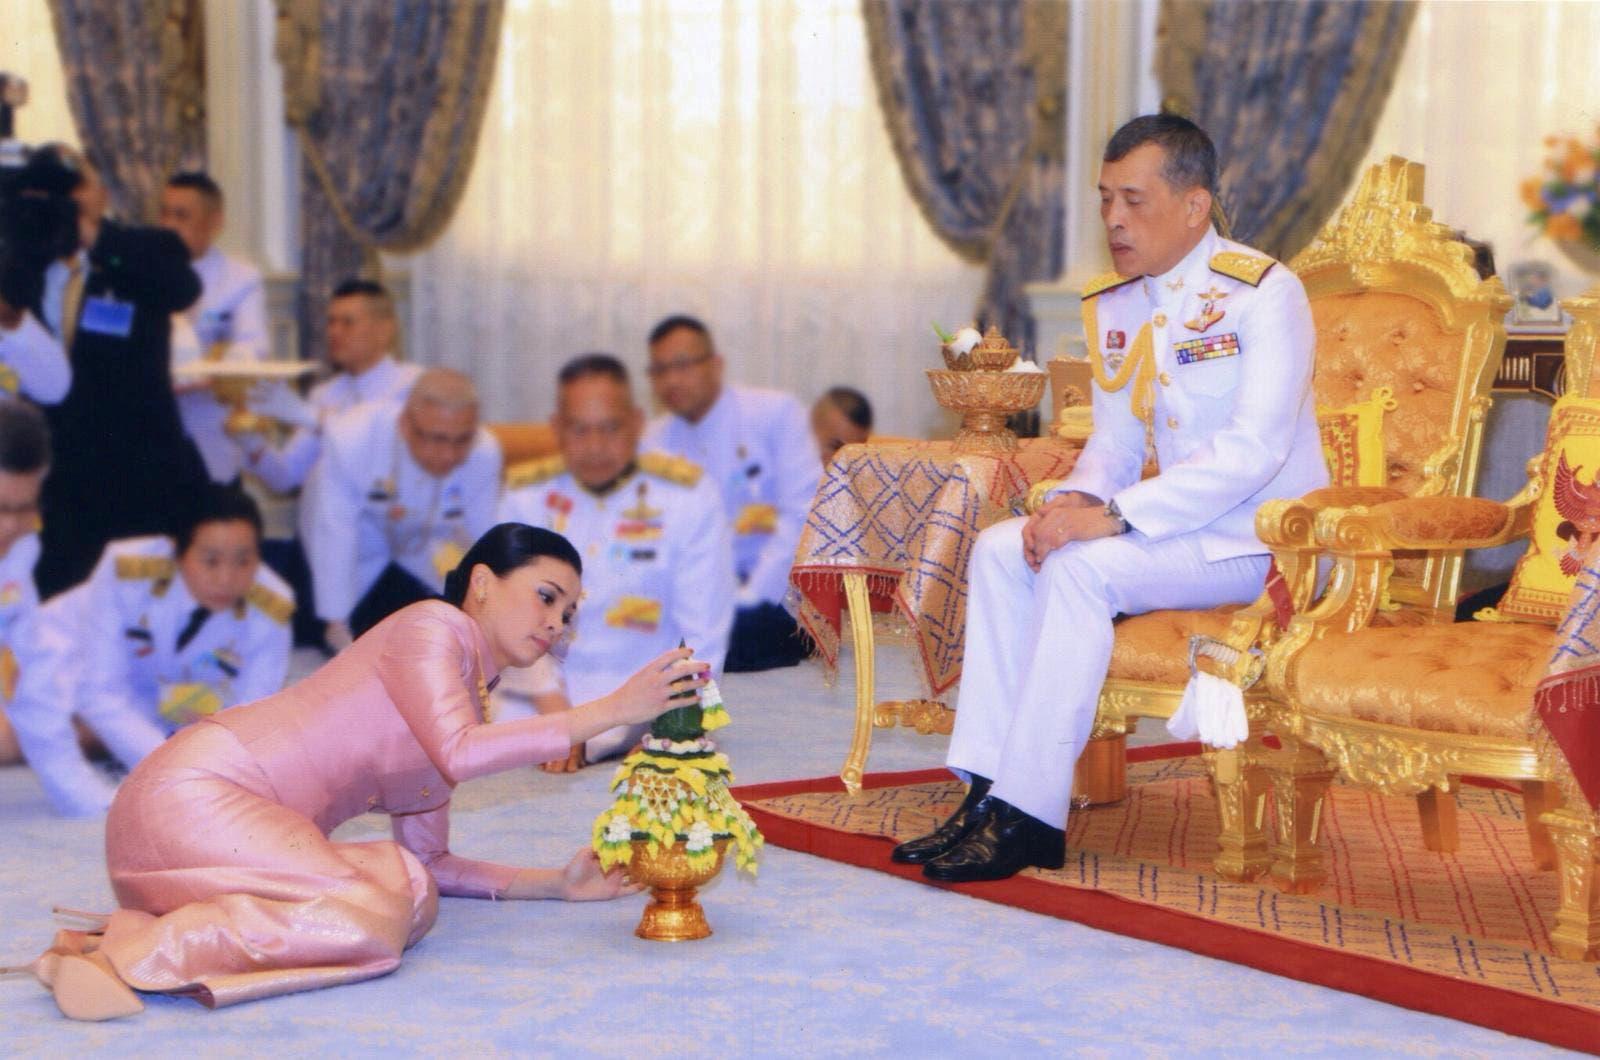 ملك تايلاند ترك شعبه لمصير مجهول في مواجهة الفيروس